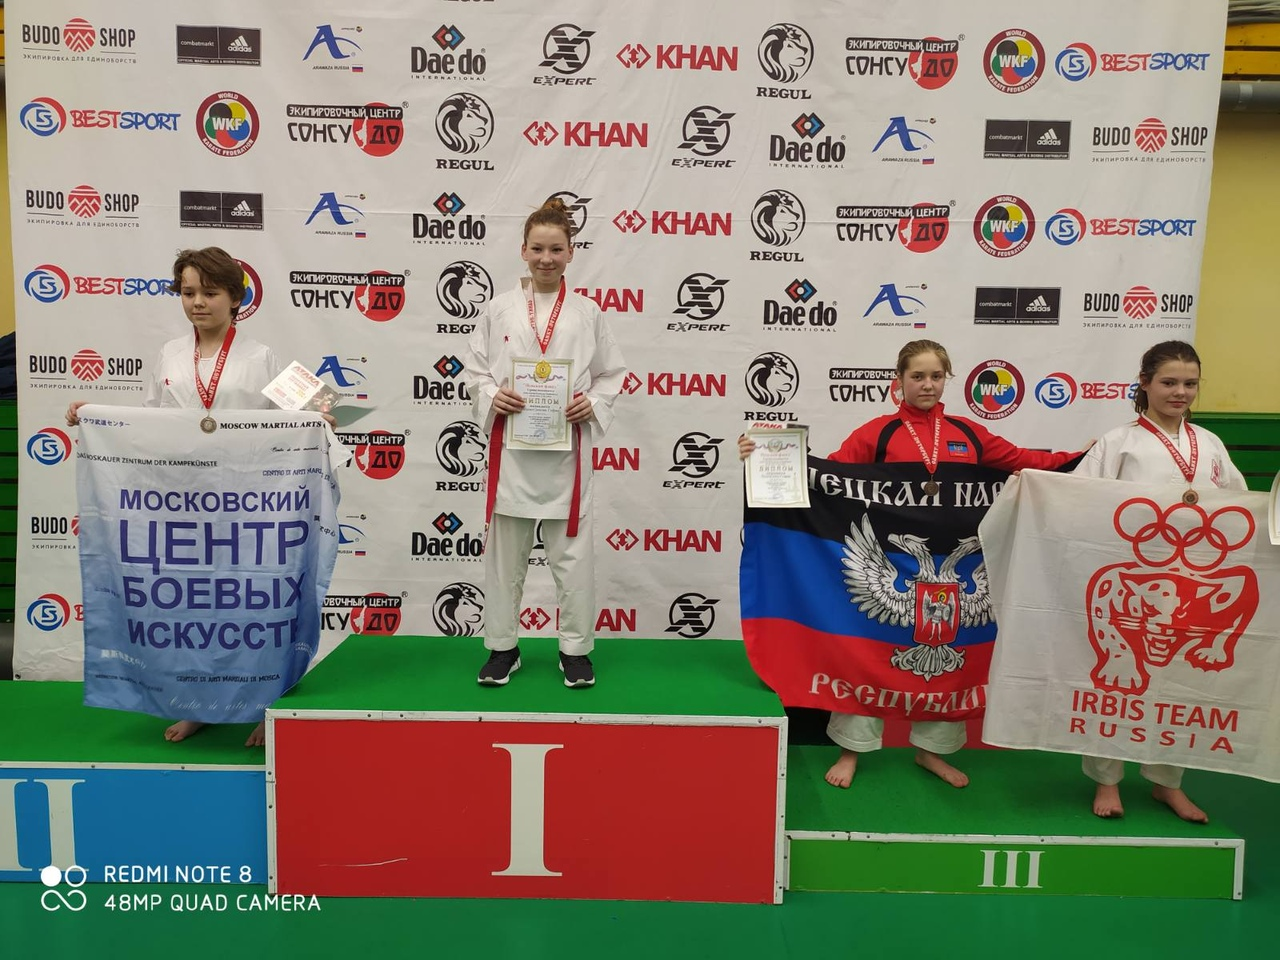 Юная спортсменка из Донецка завоевала бронзу на всероссийских соревнованиях по каратэ «Невский факел»